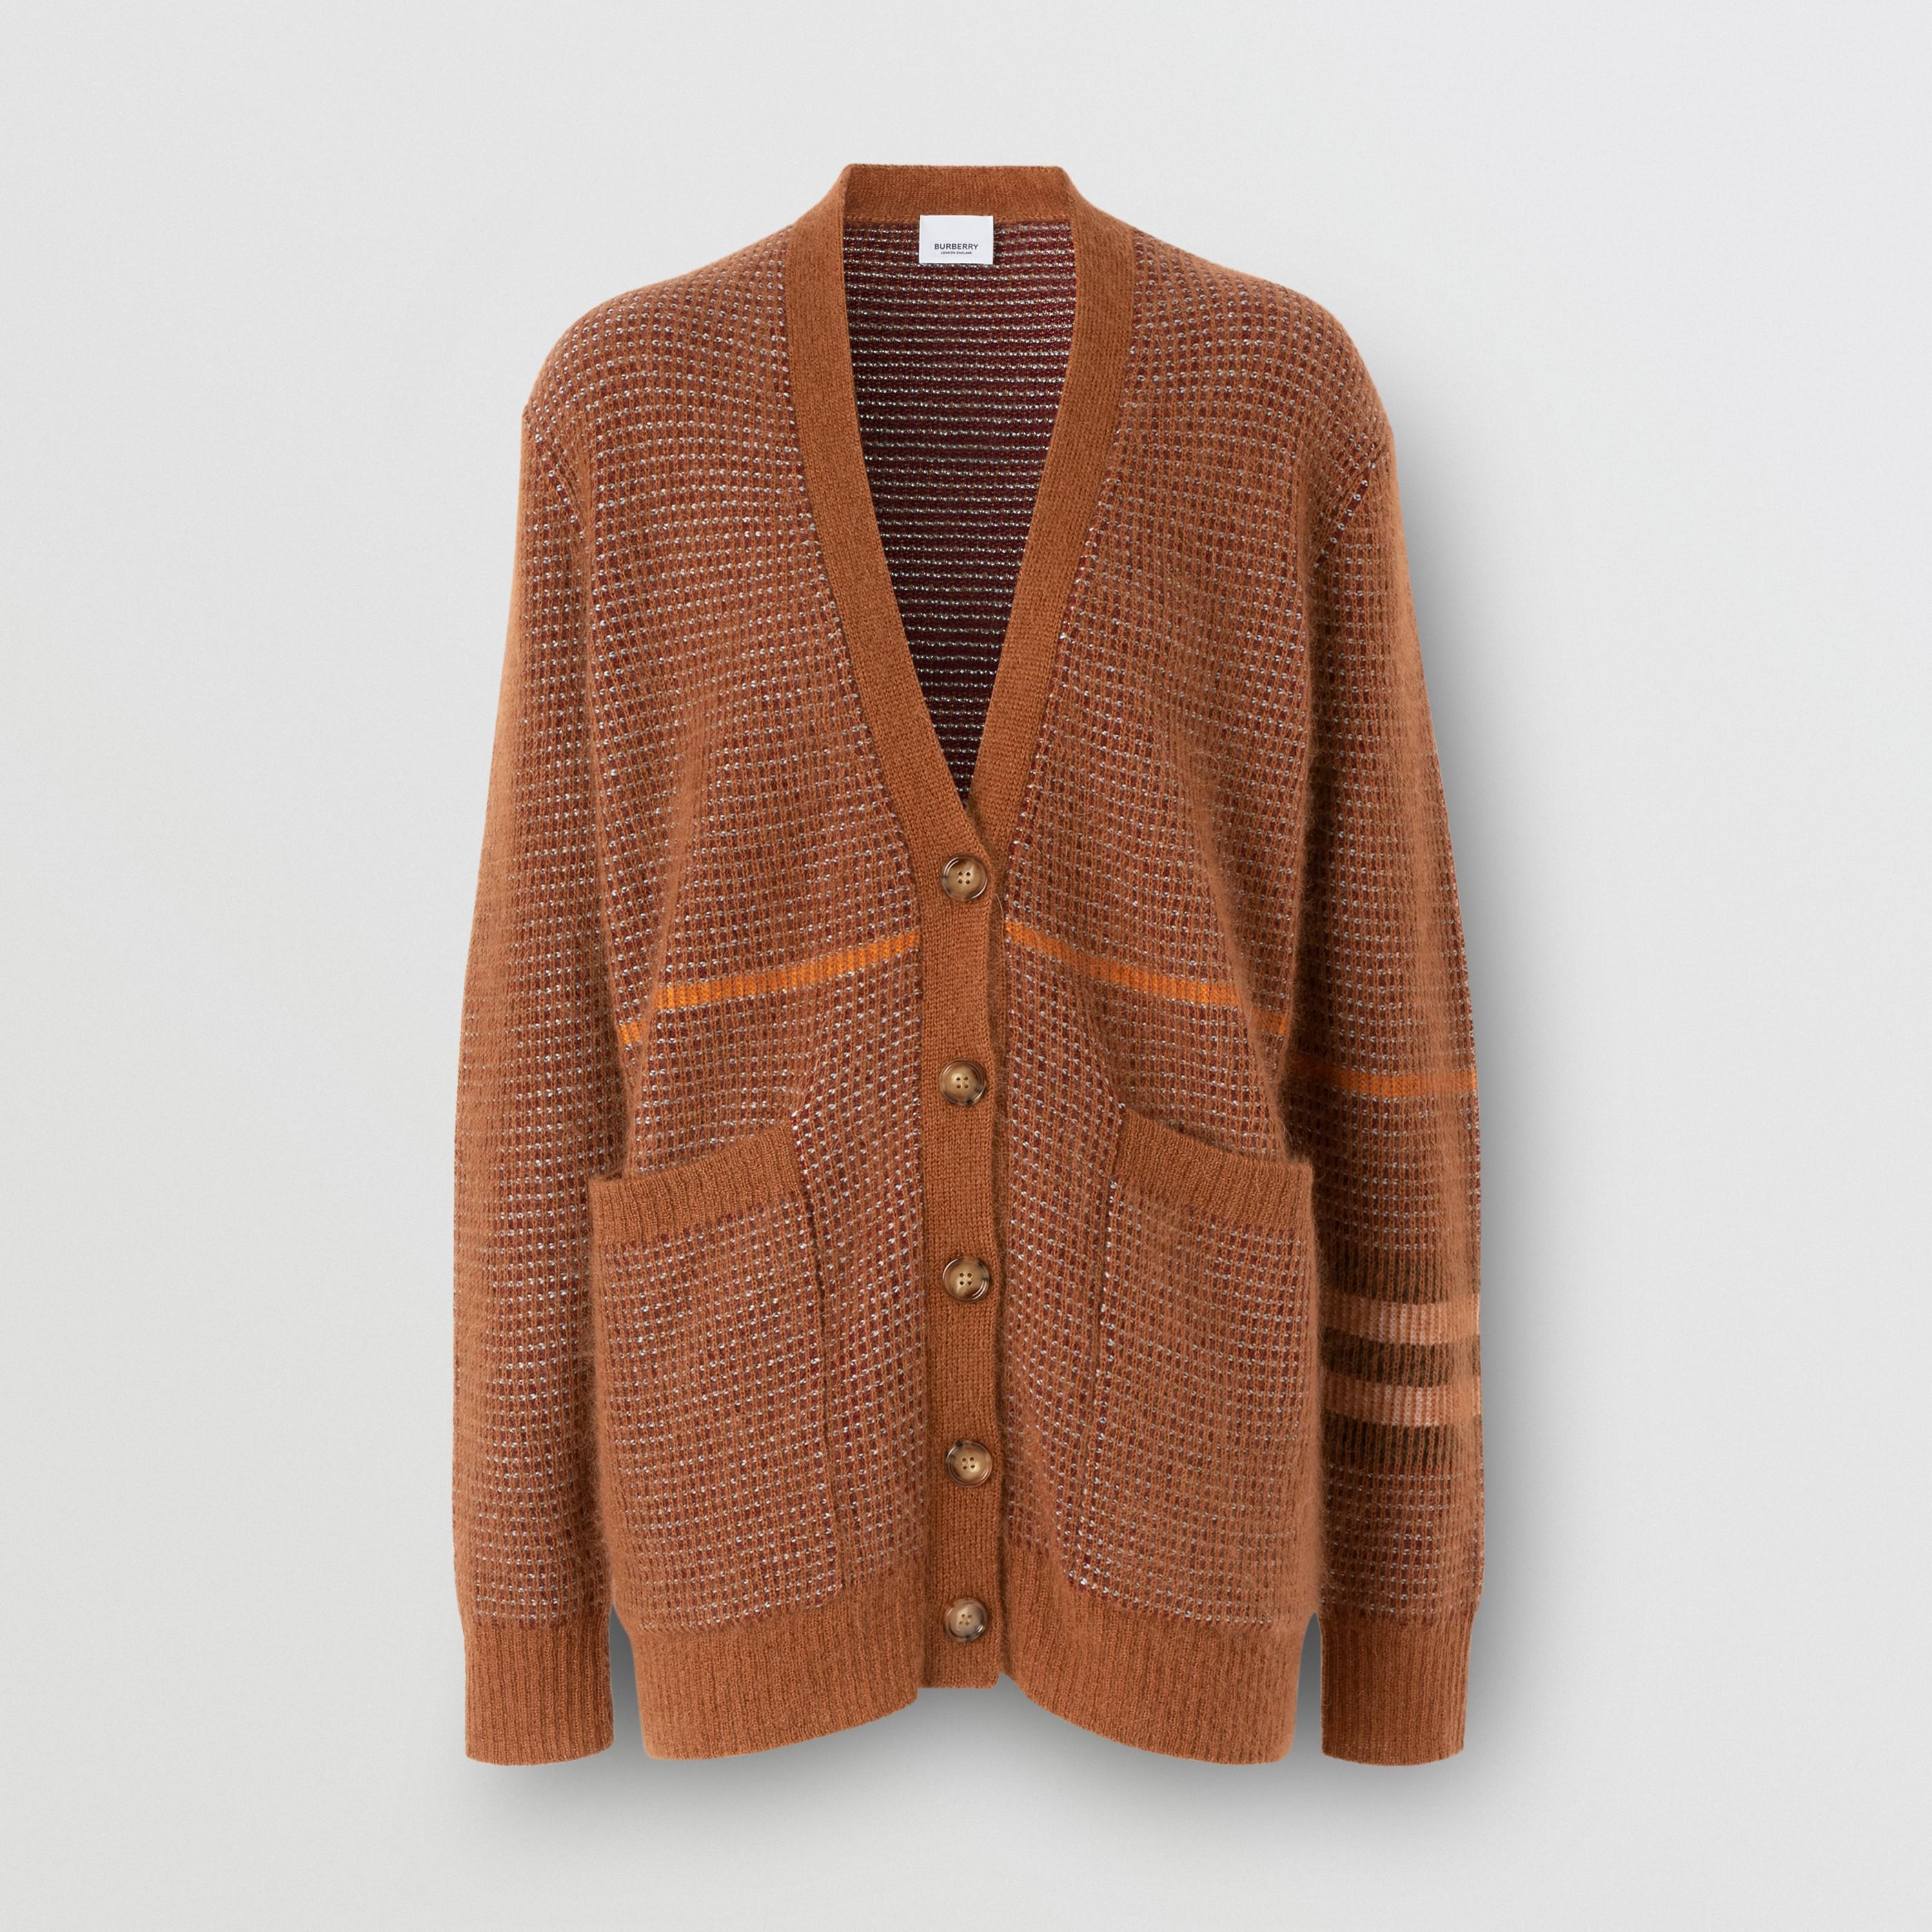 Cardigan in misto lana, mohair e seta con motivo tartan (Castano) - Donna   Burberry - 4